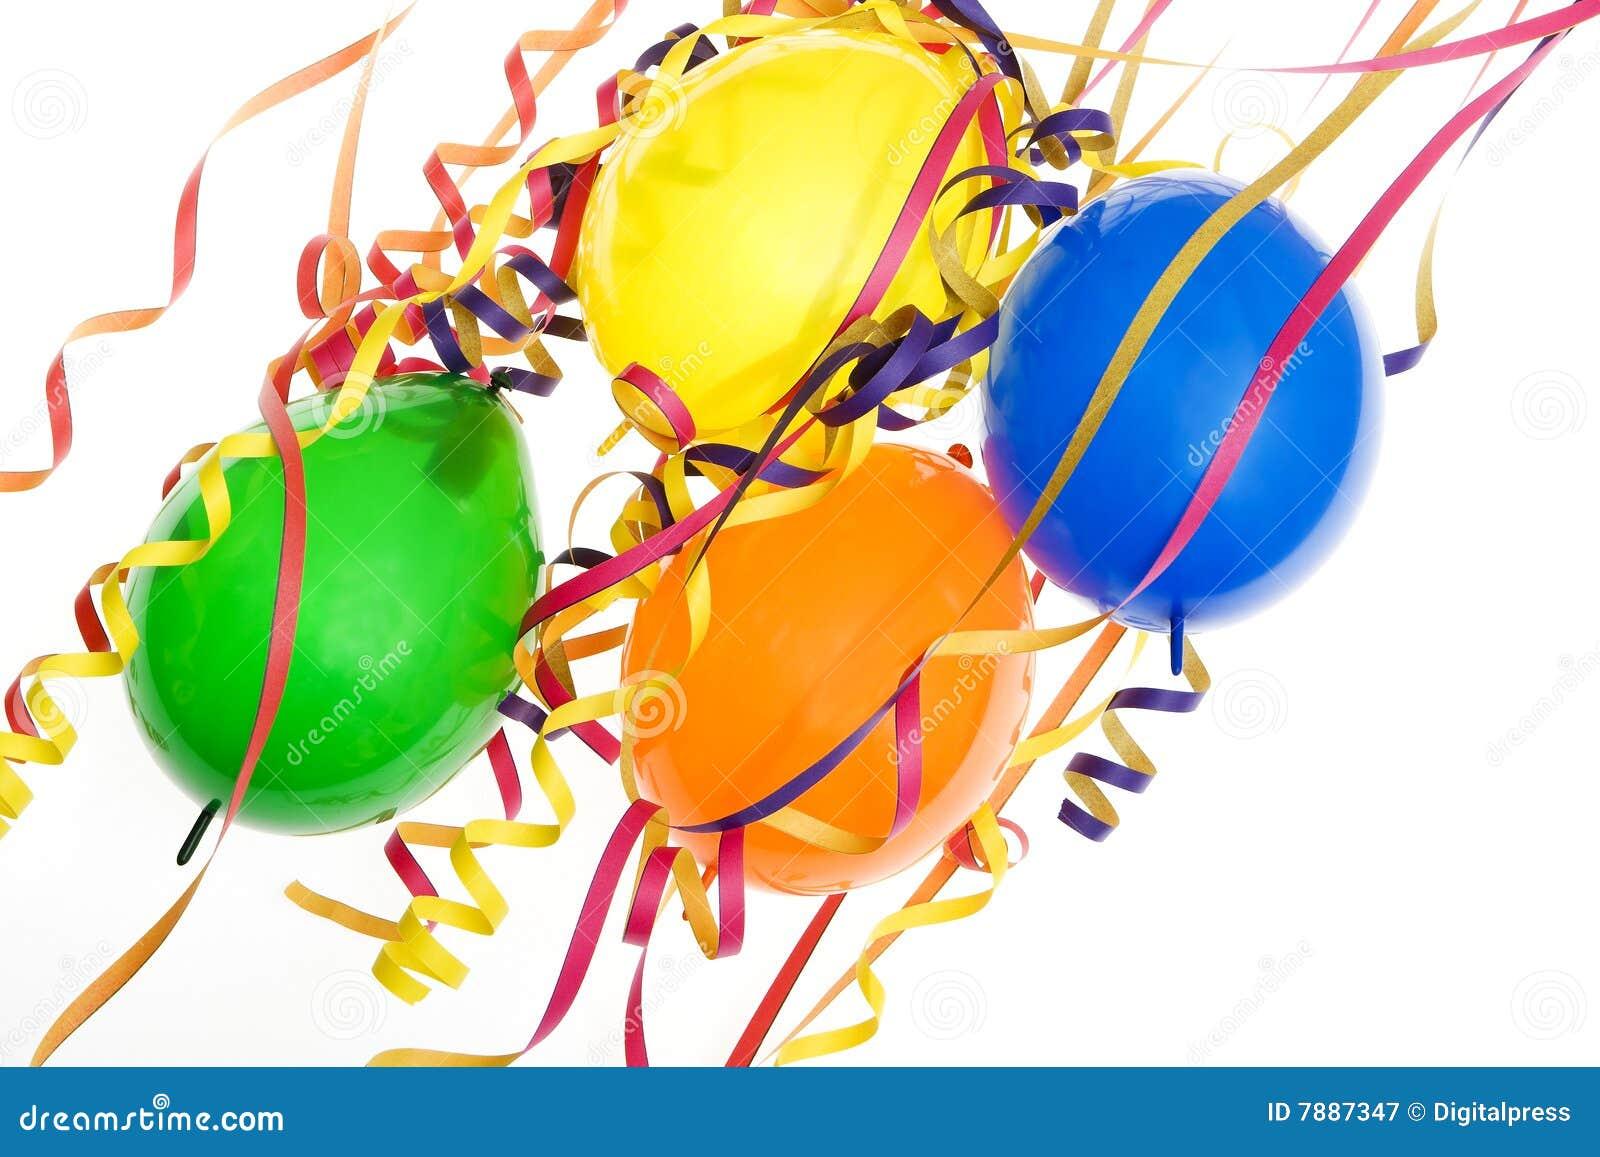 De partij carnaval en de verjaardag van de decoratie stock afbeelding afbeelding 7887347 - Afbeelding van decoratie ...